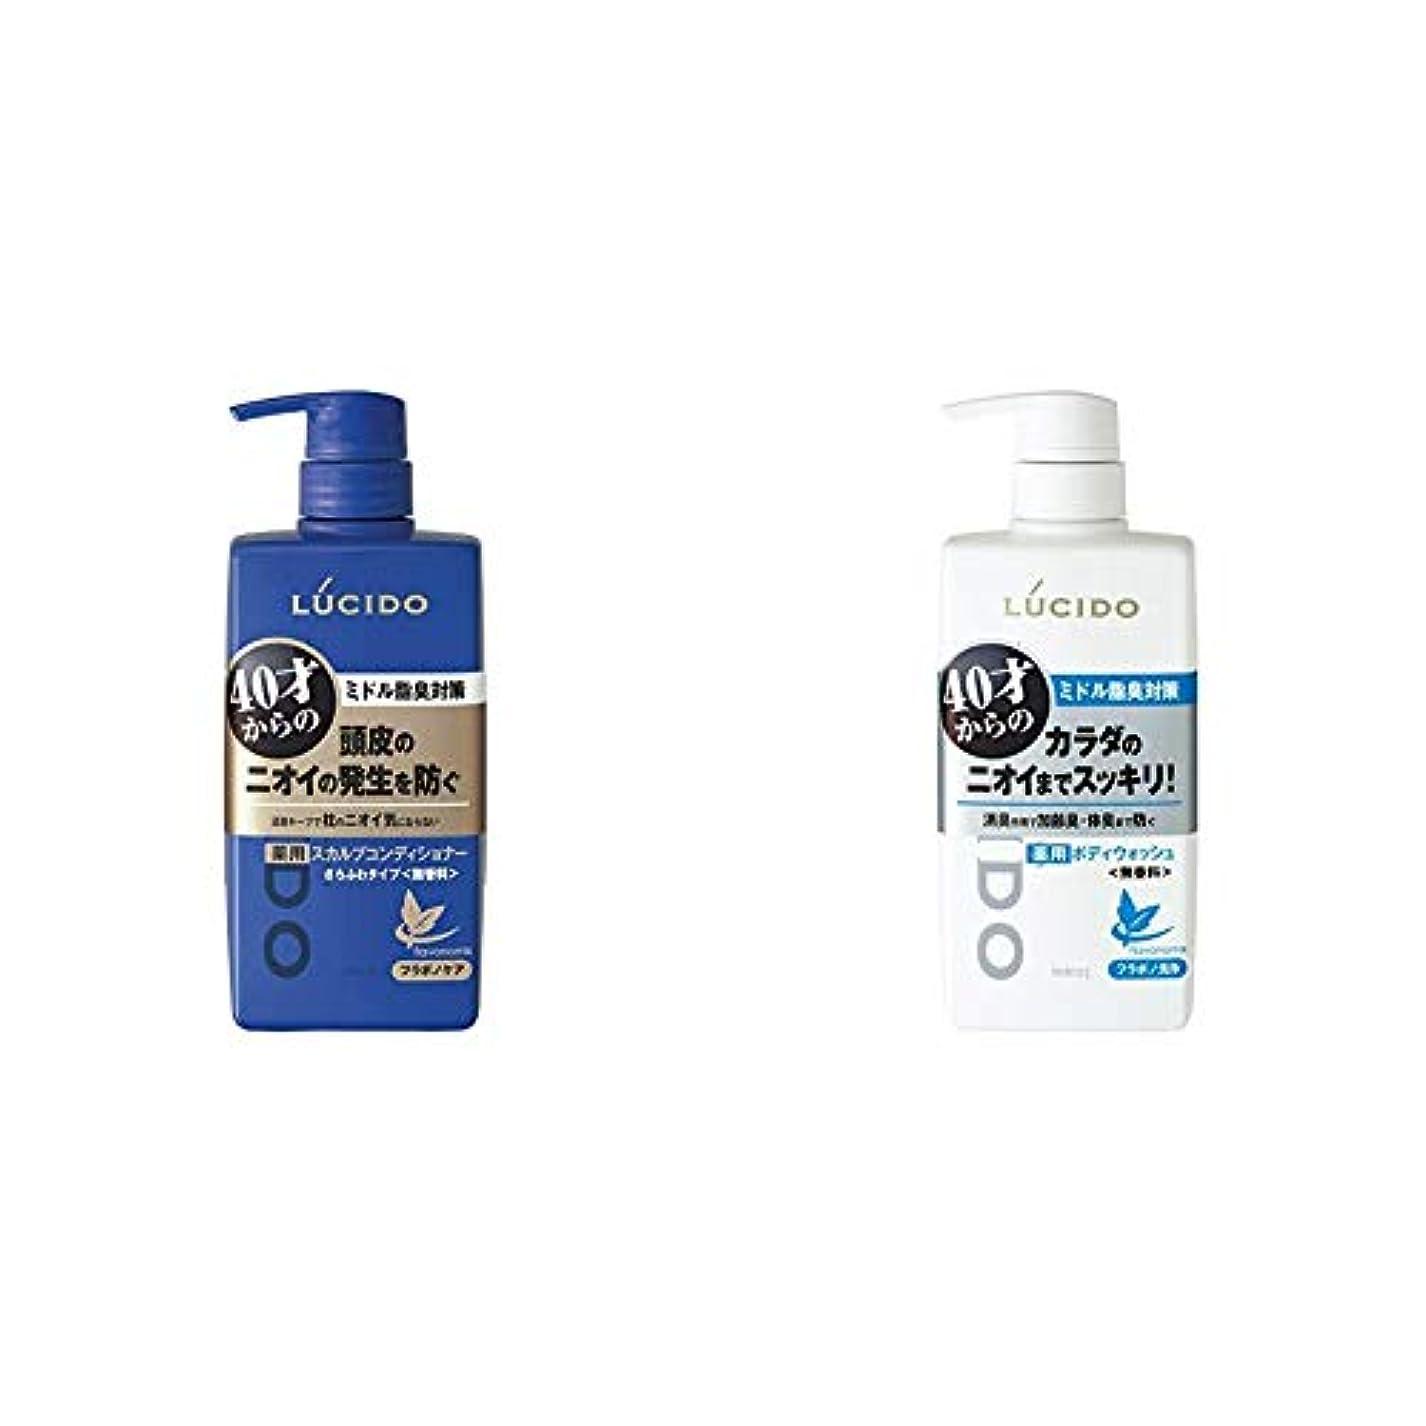 天才刻むオーバーヘッドルシード 薬用ヘア&スカルプコンディショナー 450g(医薬部外品) & 薬用デオドラントボディウォッシュ 450mL (医薬部外品)